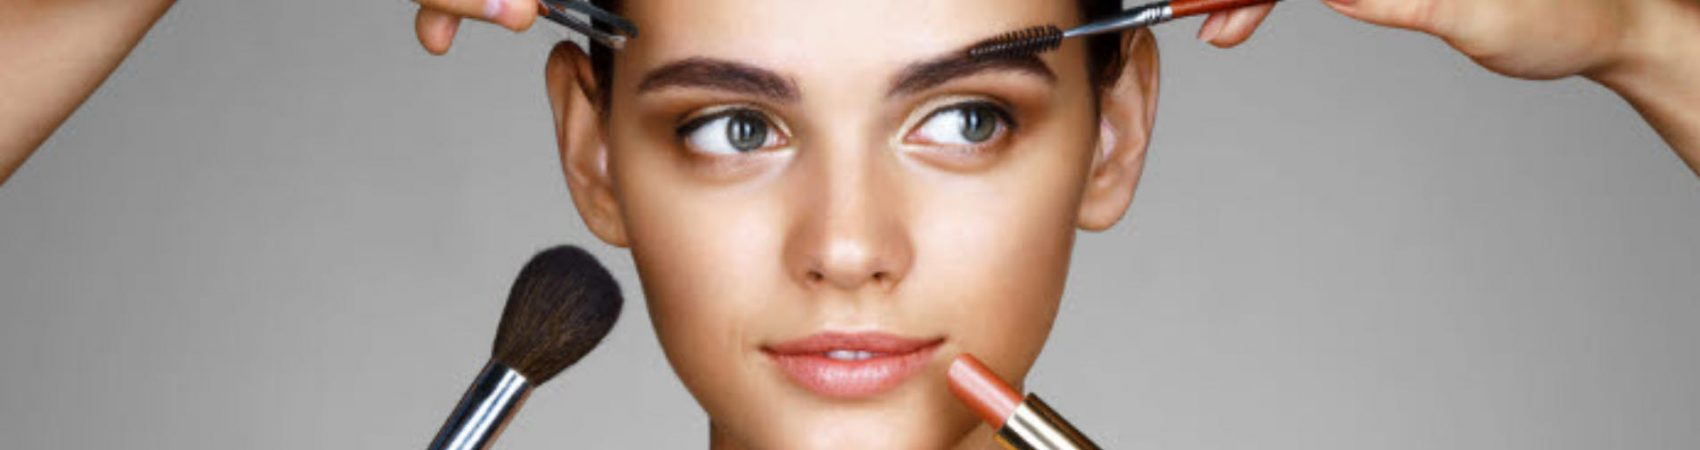 Studie: Weltweite Beauty und Kosmetik-Vorlieben